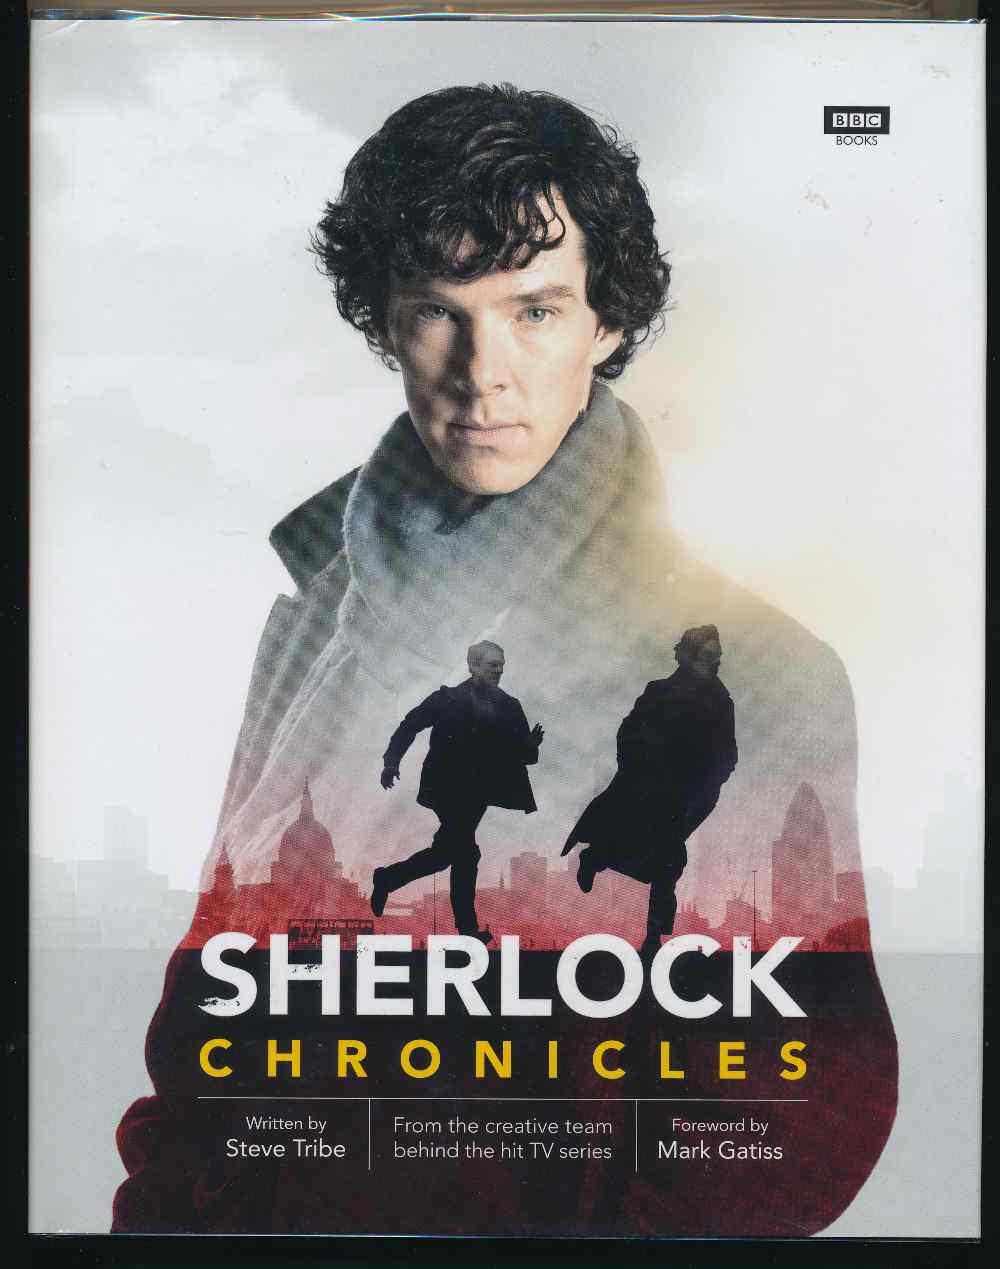 Sherlock chronicles